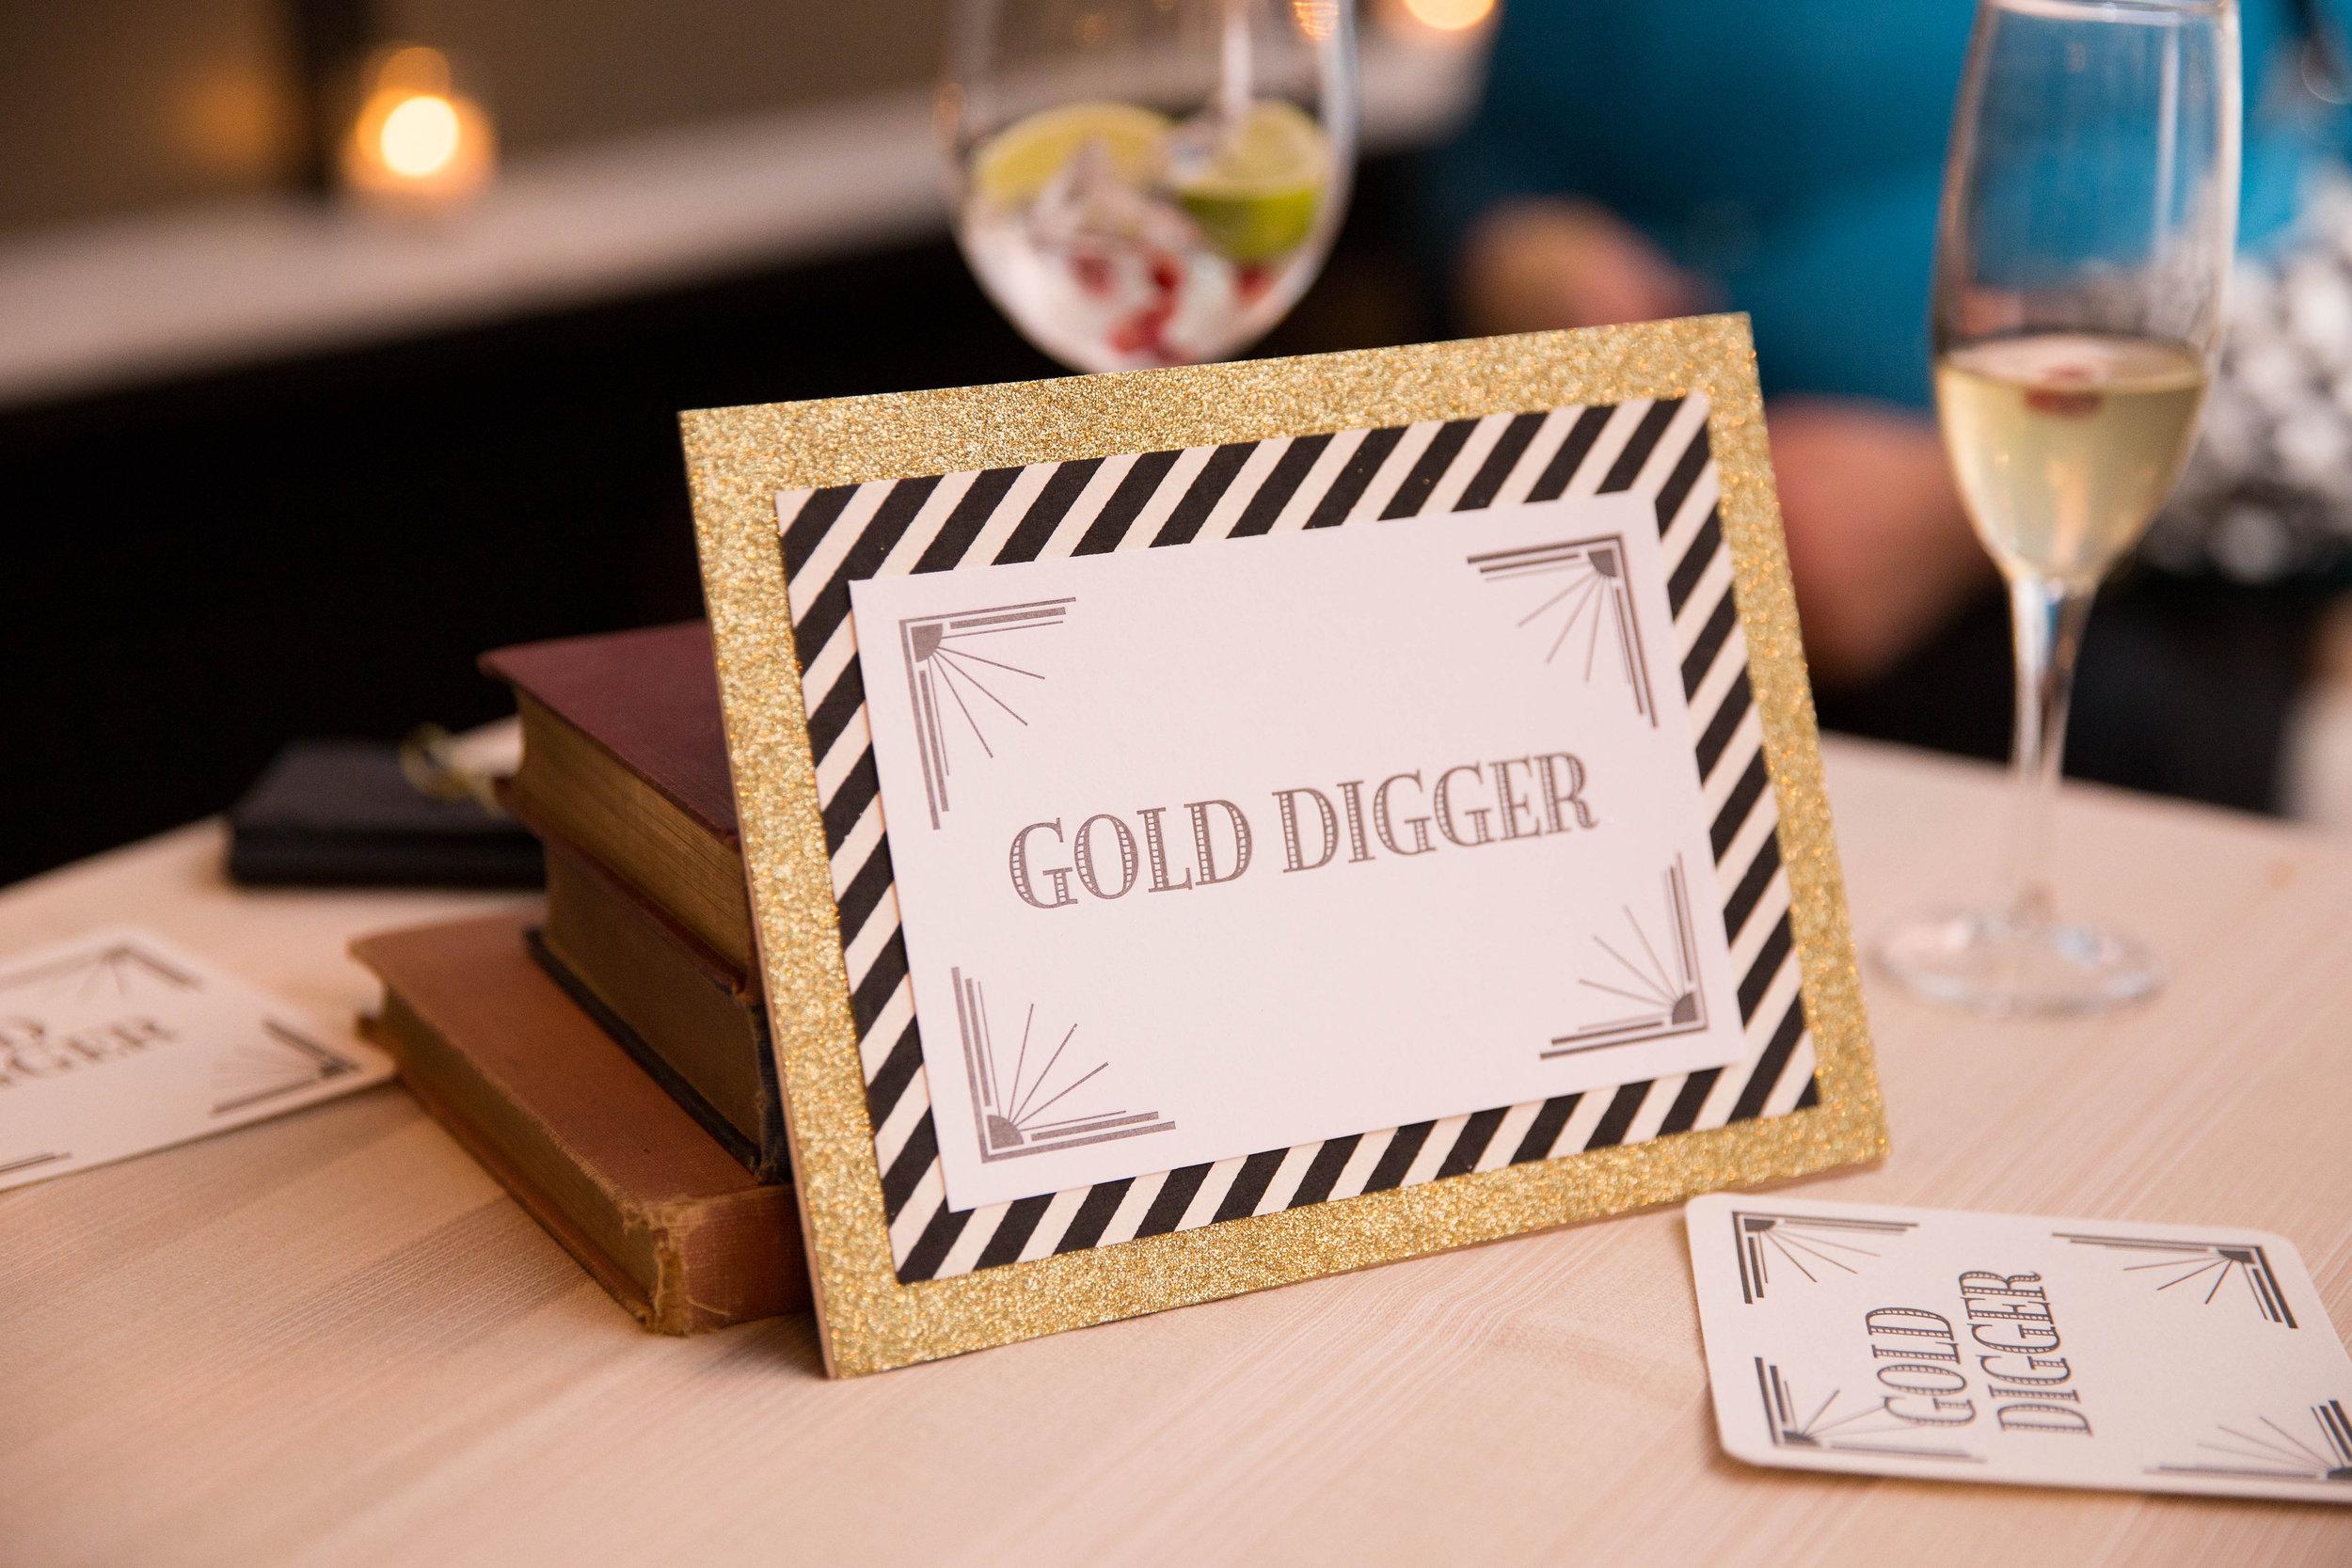 Gold digger sign